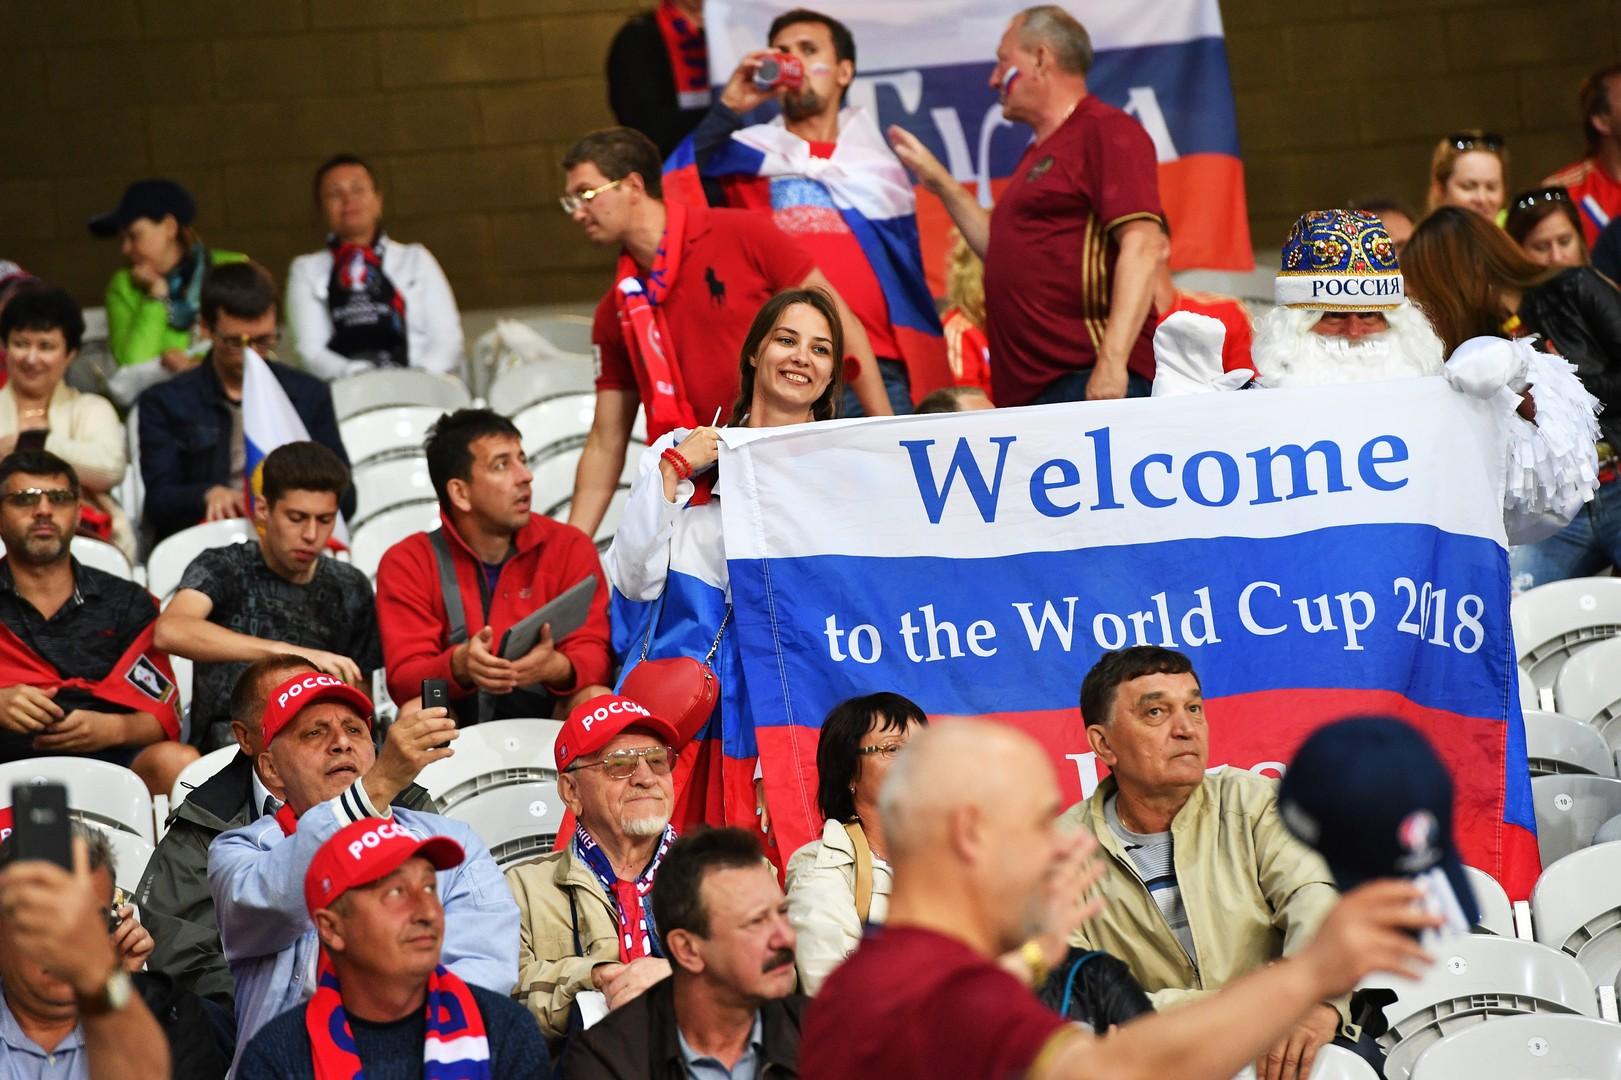 1280 рублей. ФИФА утвердила стоимость билетов на матчи ЧМ-2018 для граждан России